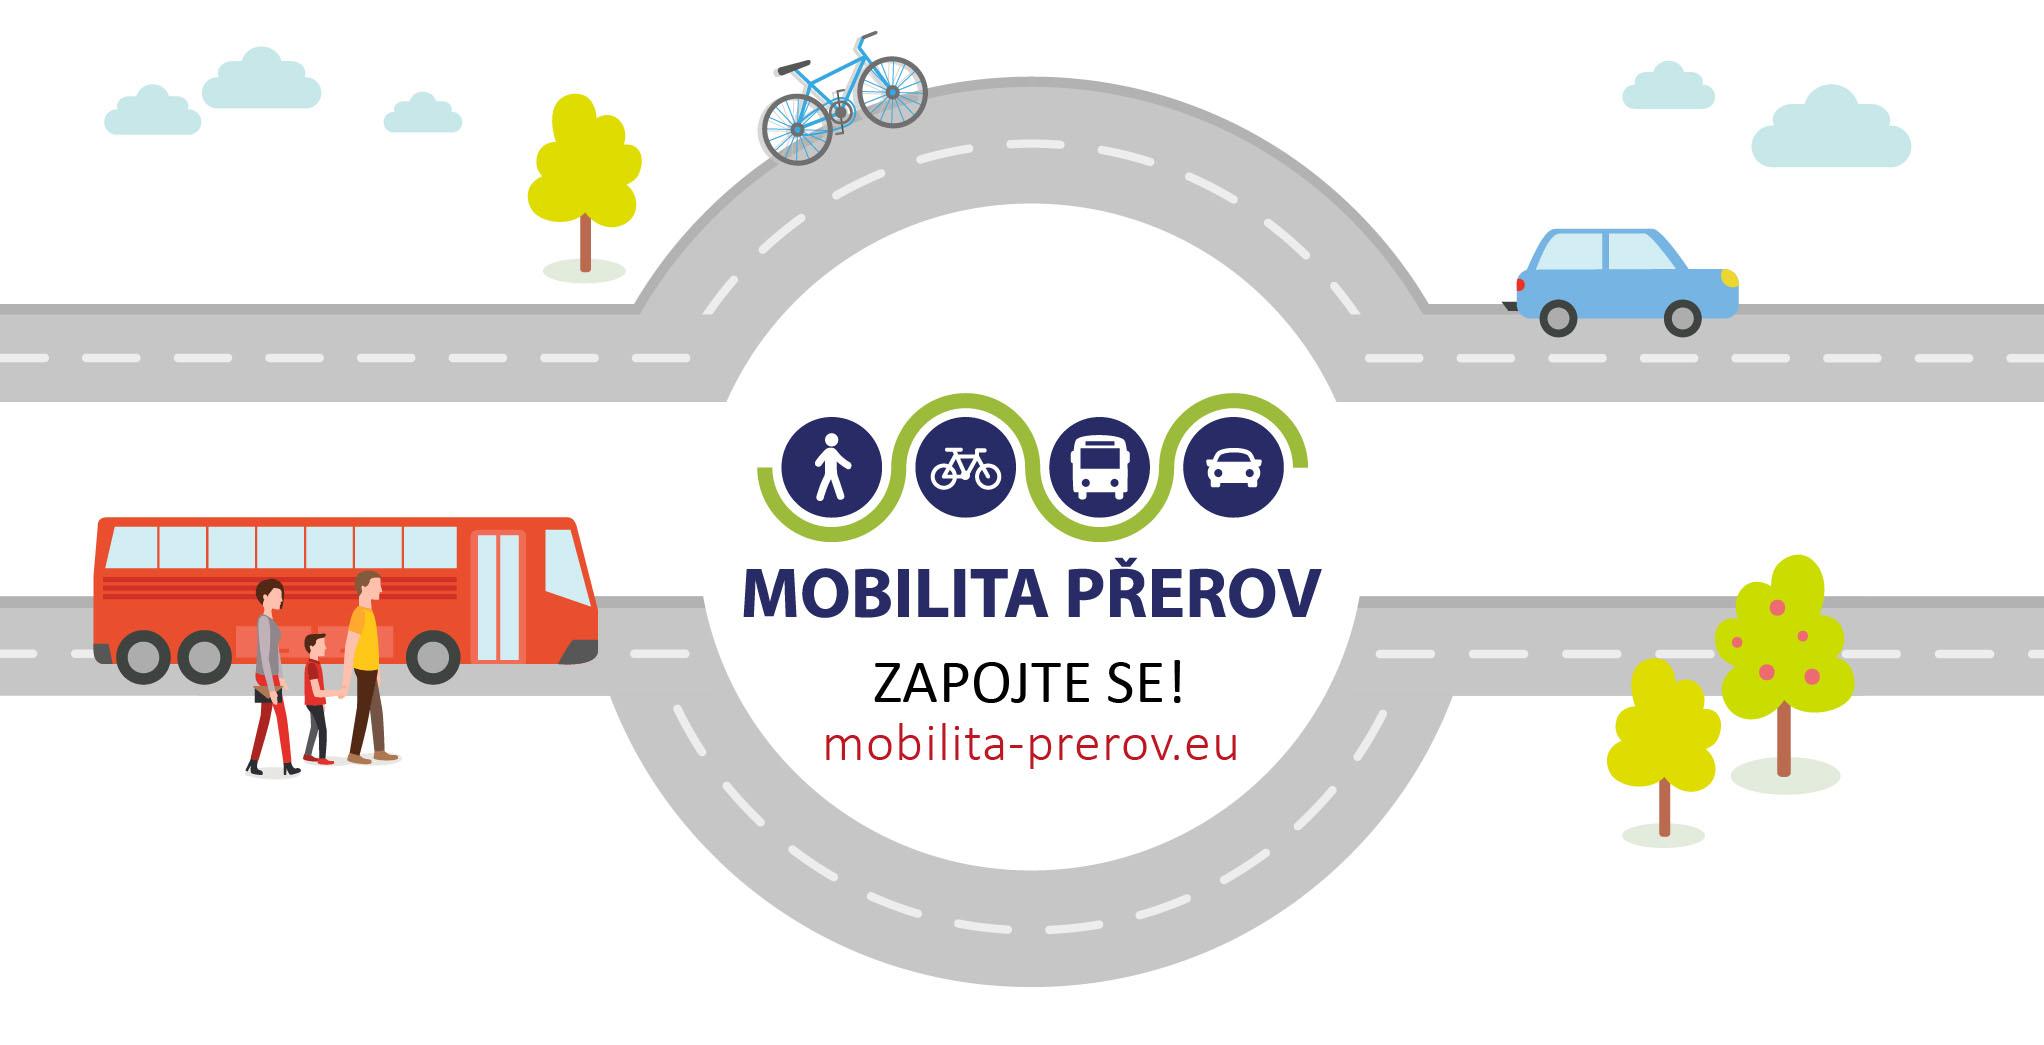 http://mobilita-prerov.eu/, obrázek se otevře v novém okně